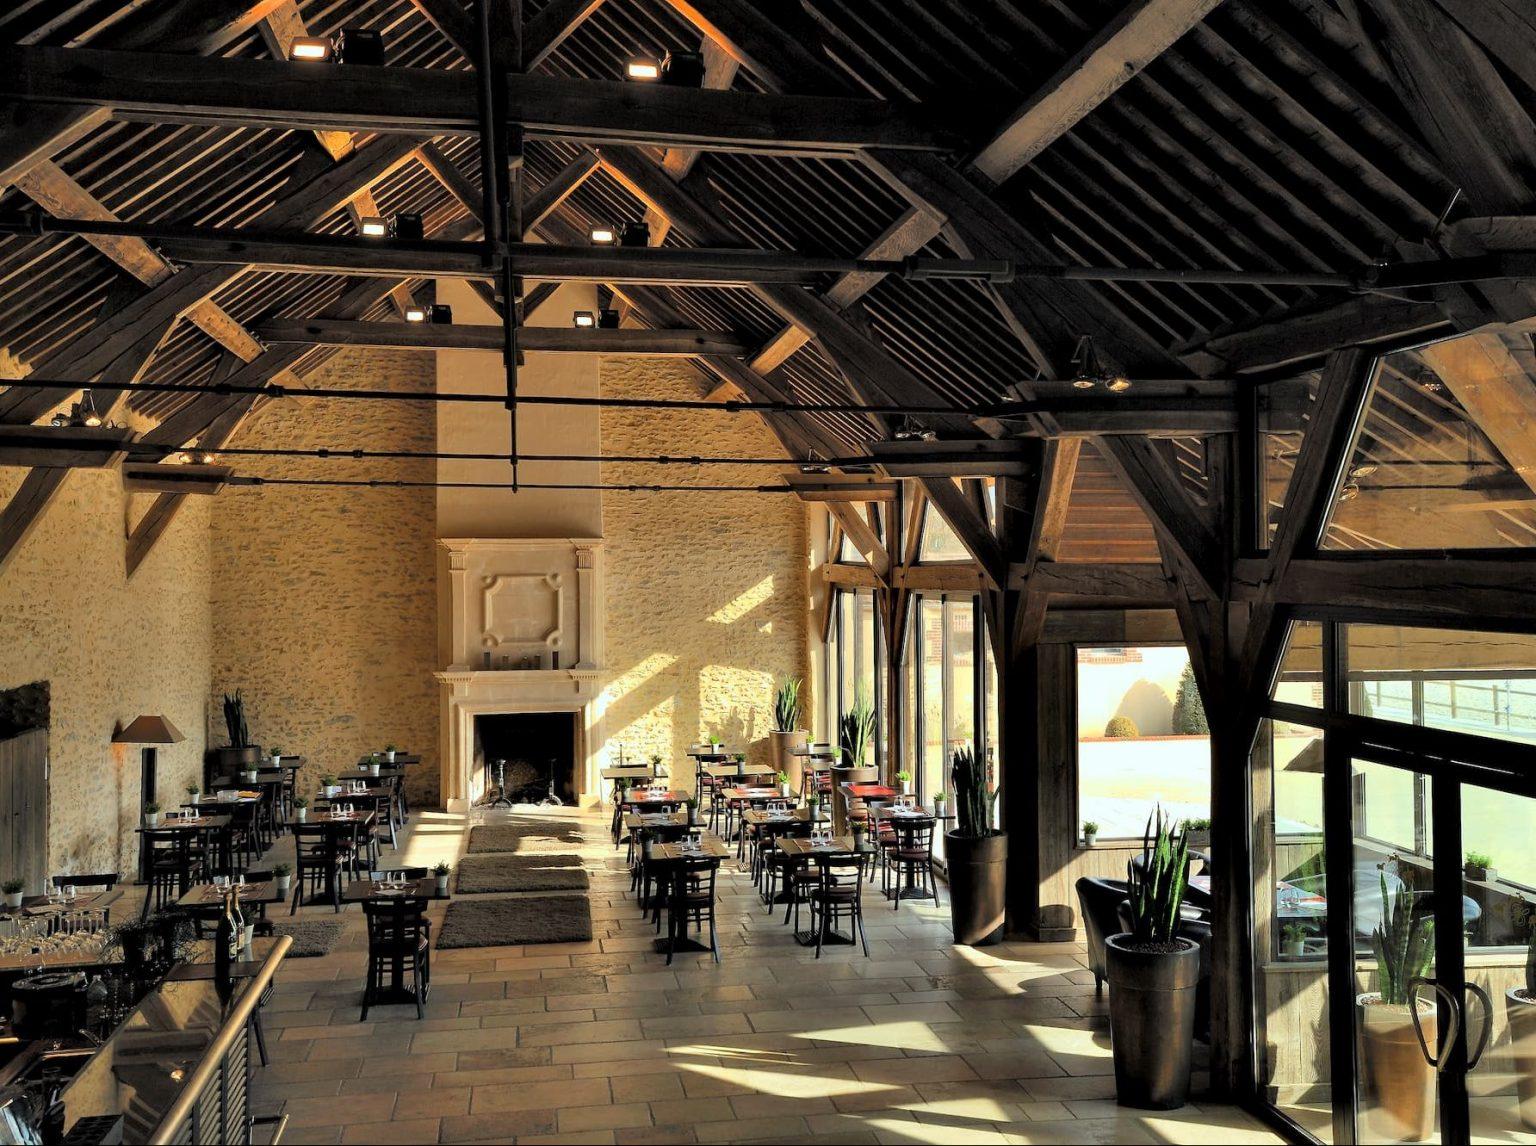 Réhabilitation et aménagement de la salle de restaurant par ALM Construction